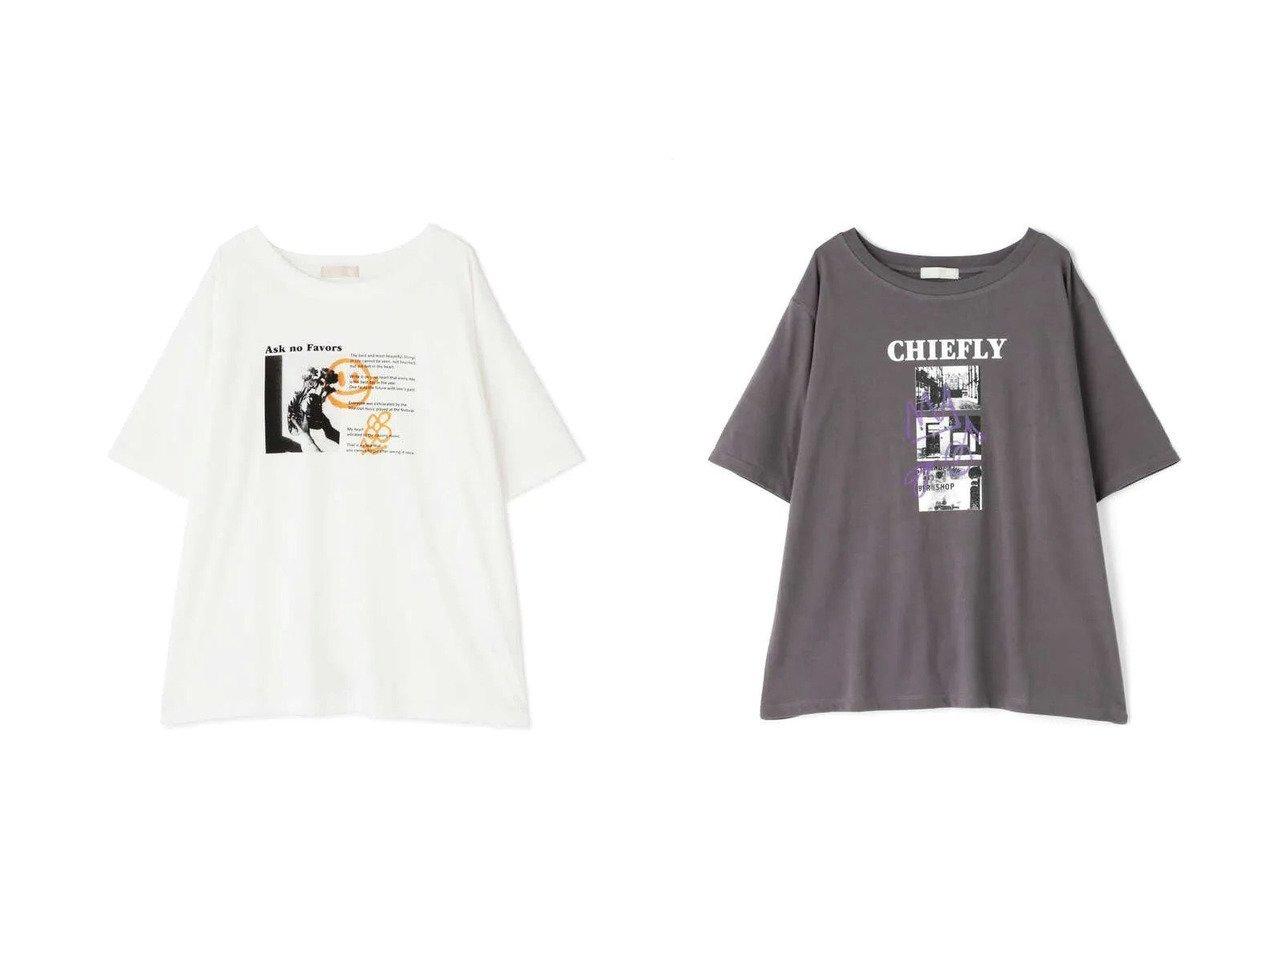 【FREE'S MART/フリーズマート】のモノトーンフォトグラフィティプリントTシャツ 【プチプライス・低価格】おすすめ!人気、トレンド・レディースファッションの通販 おすすめで人気の流行・トレンド、ファッションの通販商品 インテリア・家具・メンズファッション・キッズファッション・レディースファッション・服の通販 founy(ファニー) https://founy.com/ ファッション Fashion レディースファッション WOMEN トップス・カットソー Tops/Tshirt シャツ/ブラウス Shirts/Blouses ロング / Tシャツ T-Shirts プリント  ID:crp329100000060386